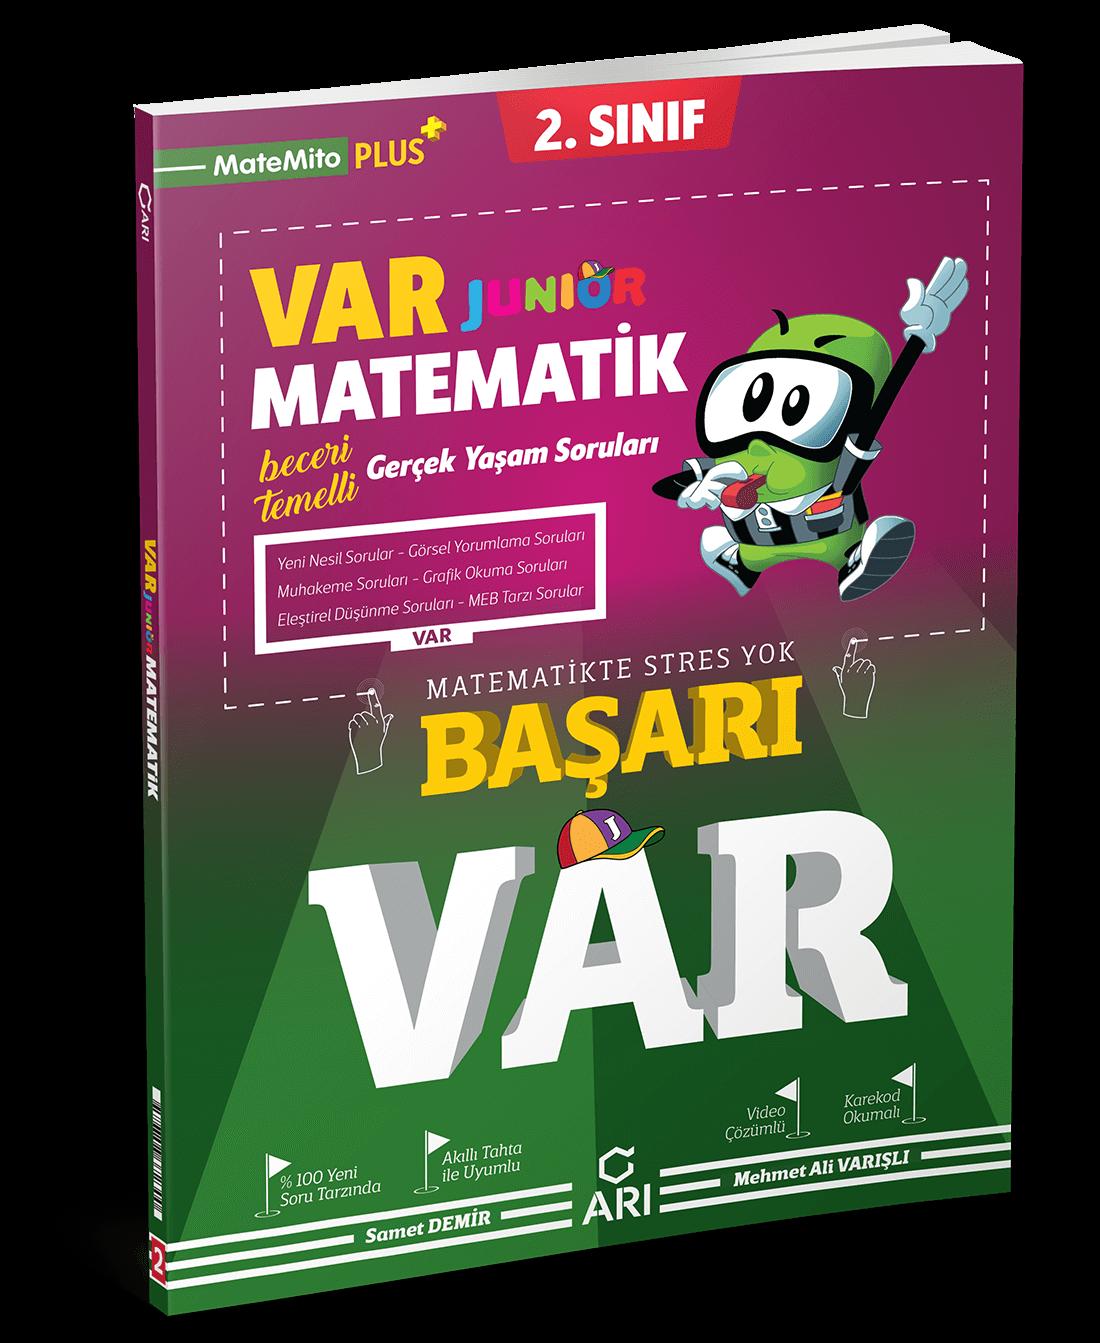 VAR Junior Matematik Soru Bankası 2. Sınıf